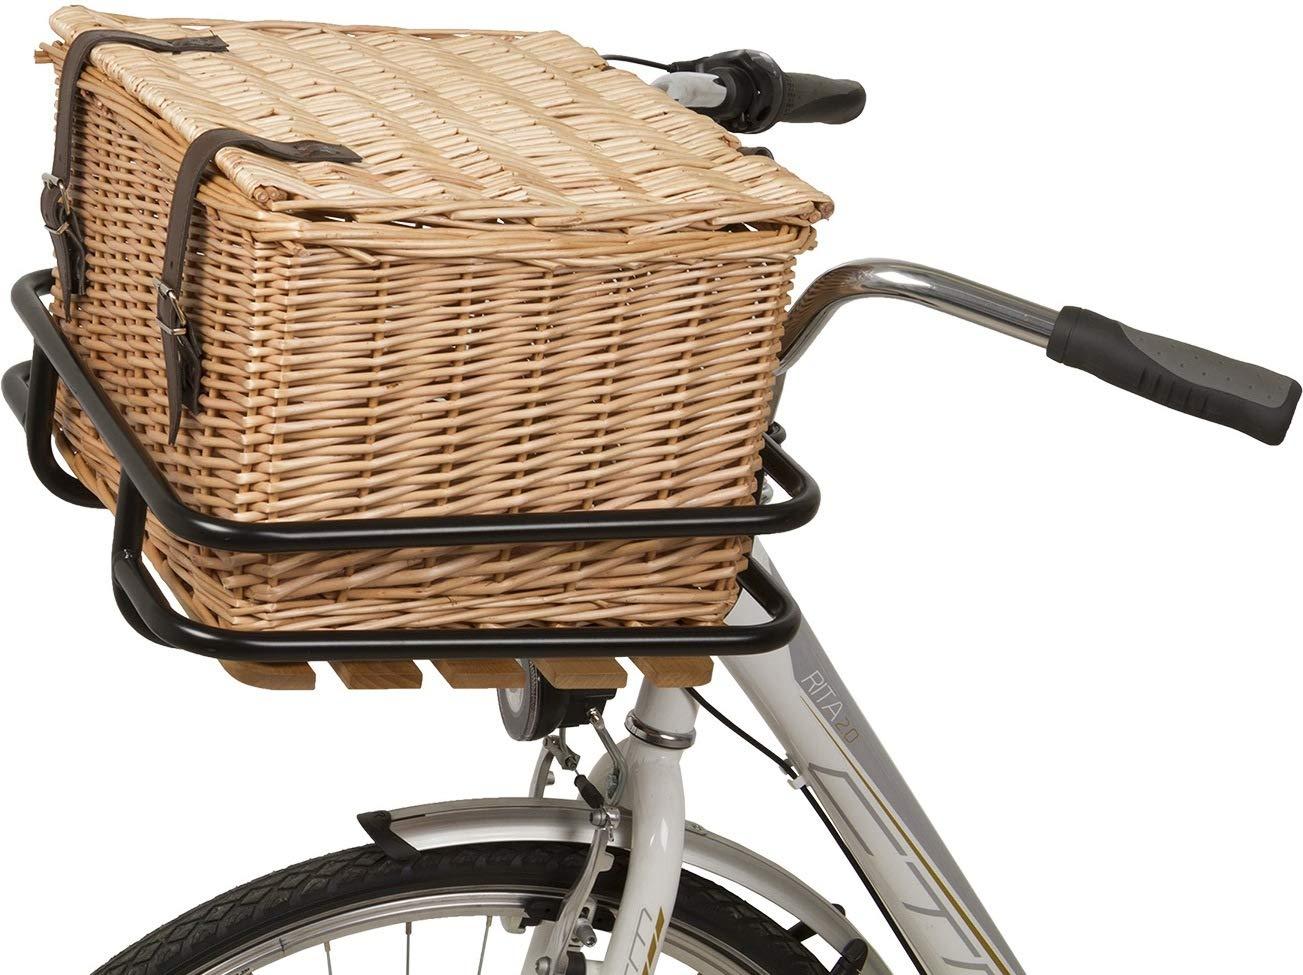 P4B - Cesta para bicicleta de mimbre auténtico, hecha a mano ...